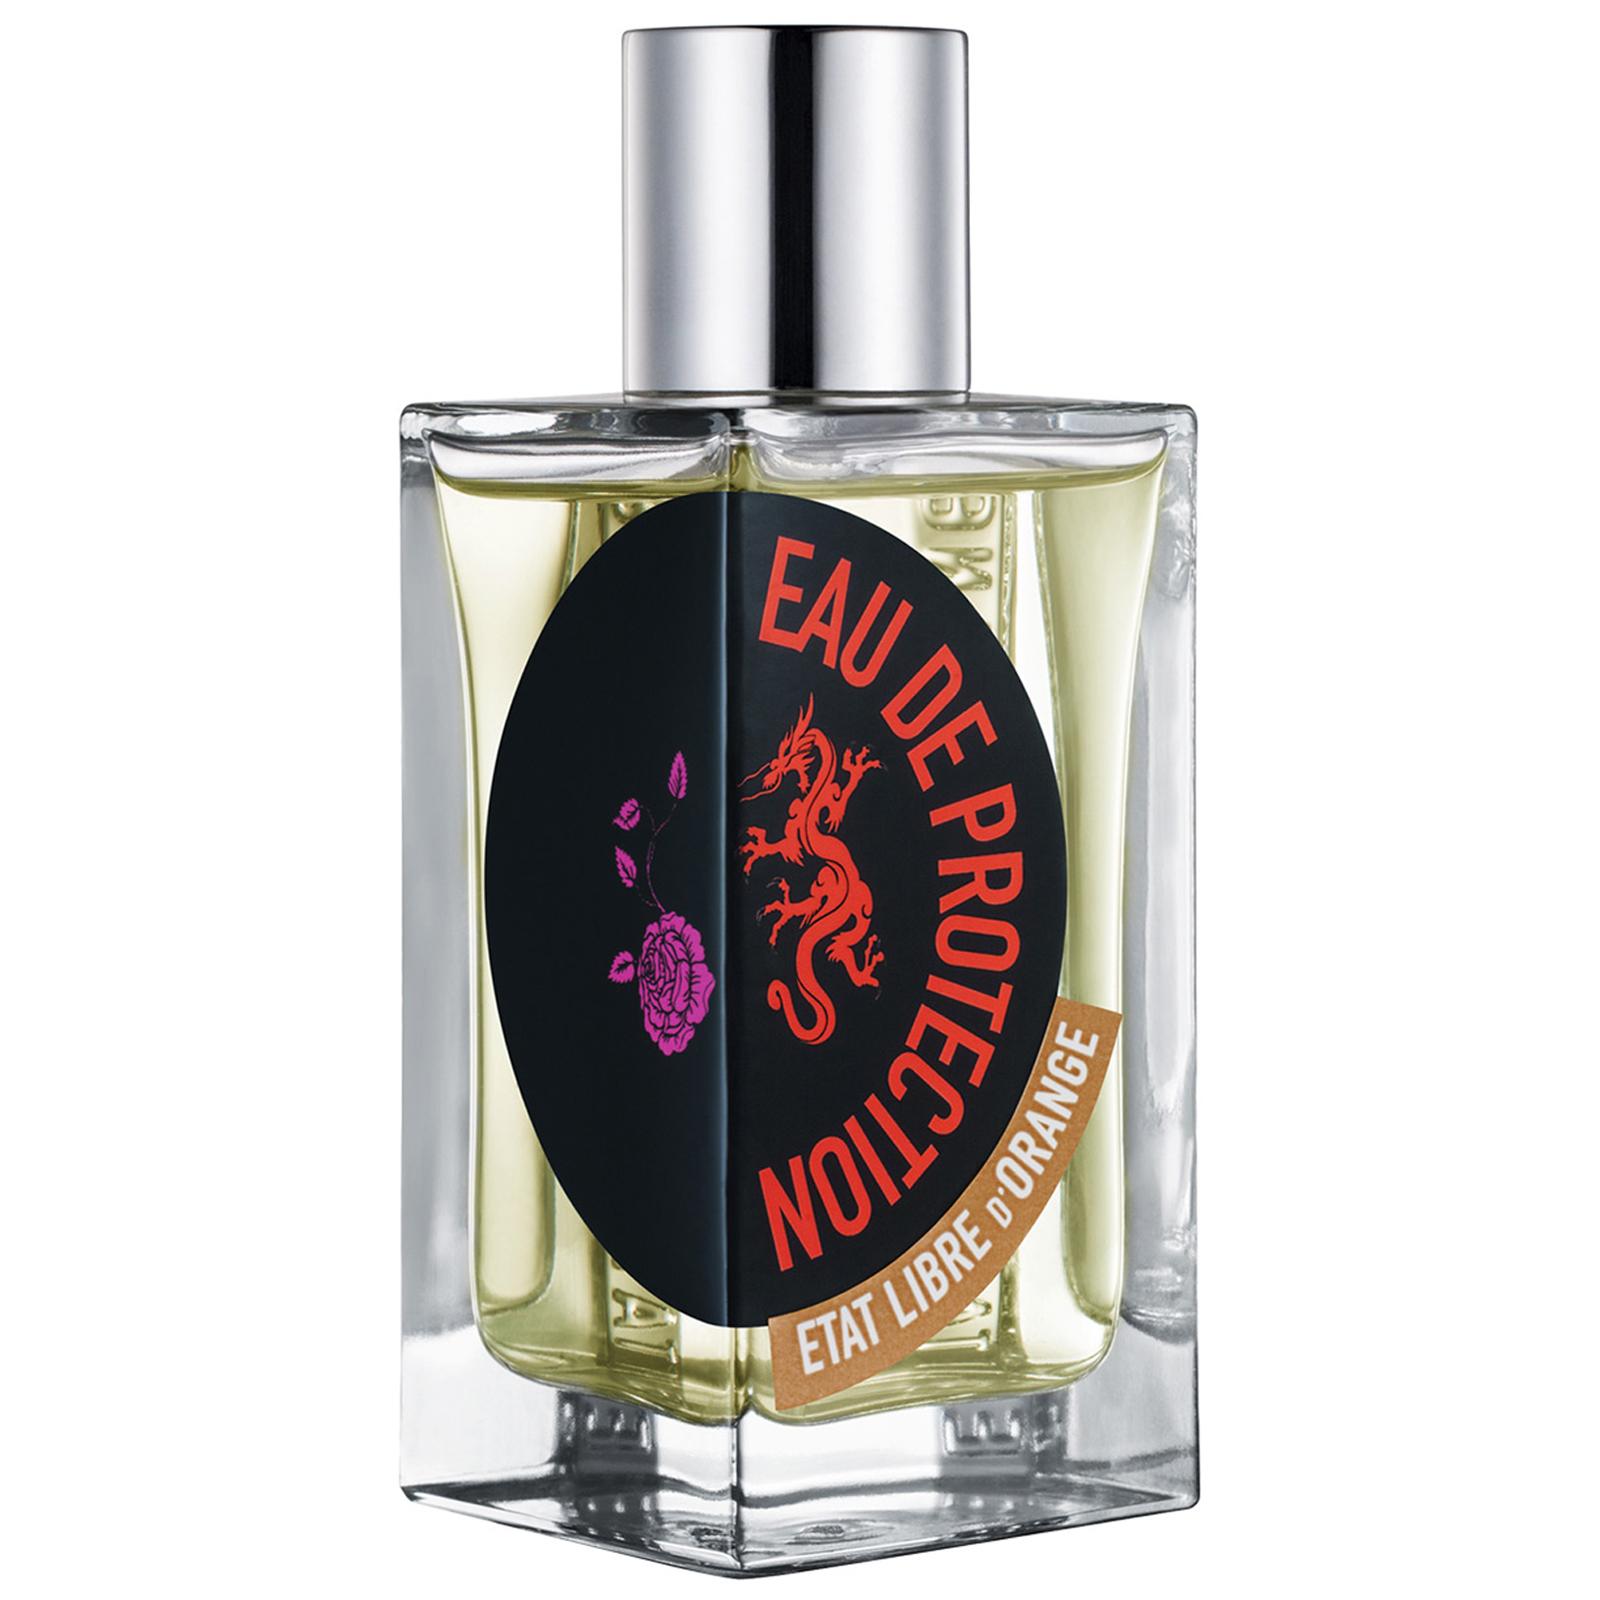 Eau de protection profumo eau de parfum 50 ml